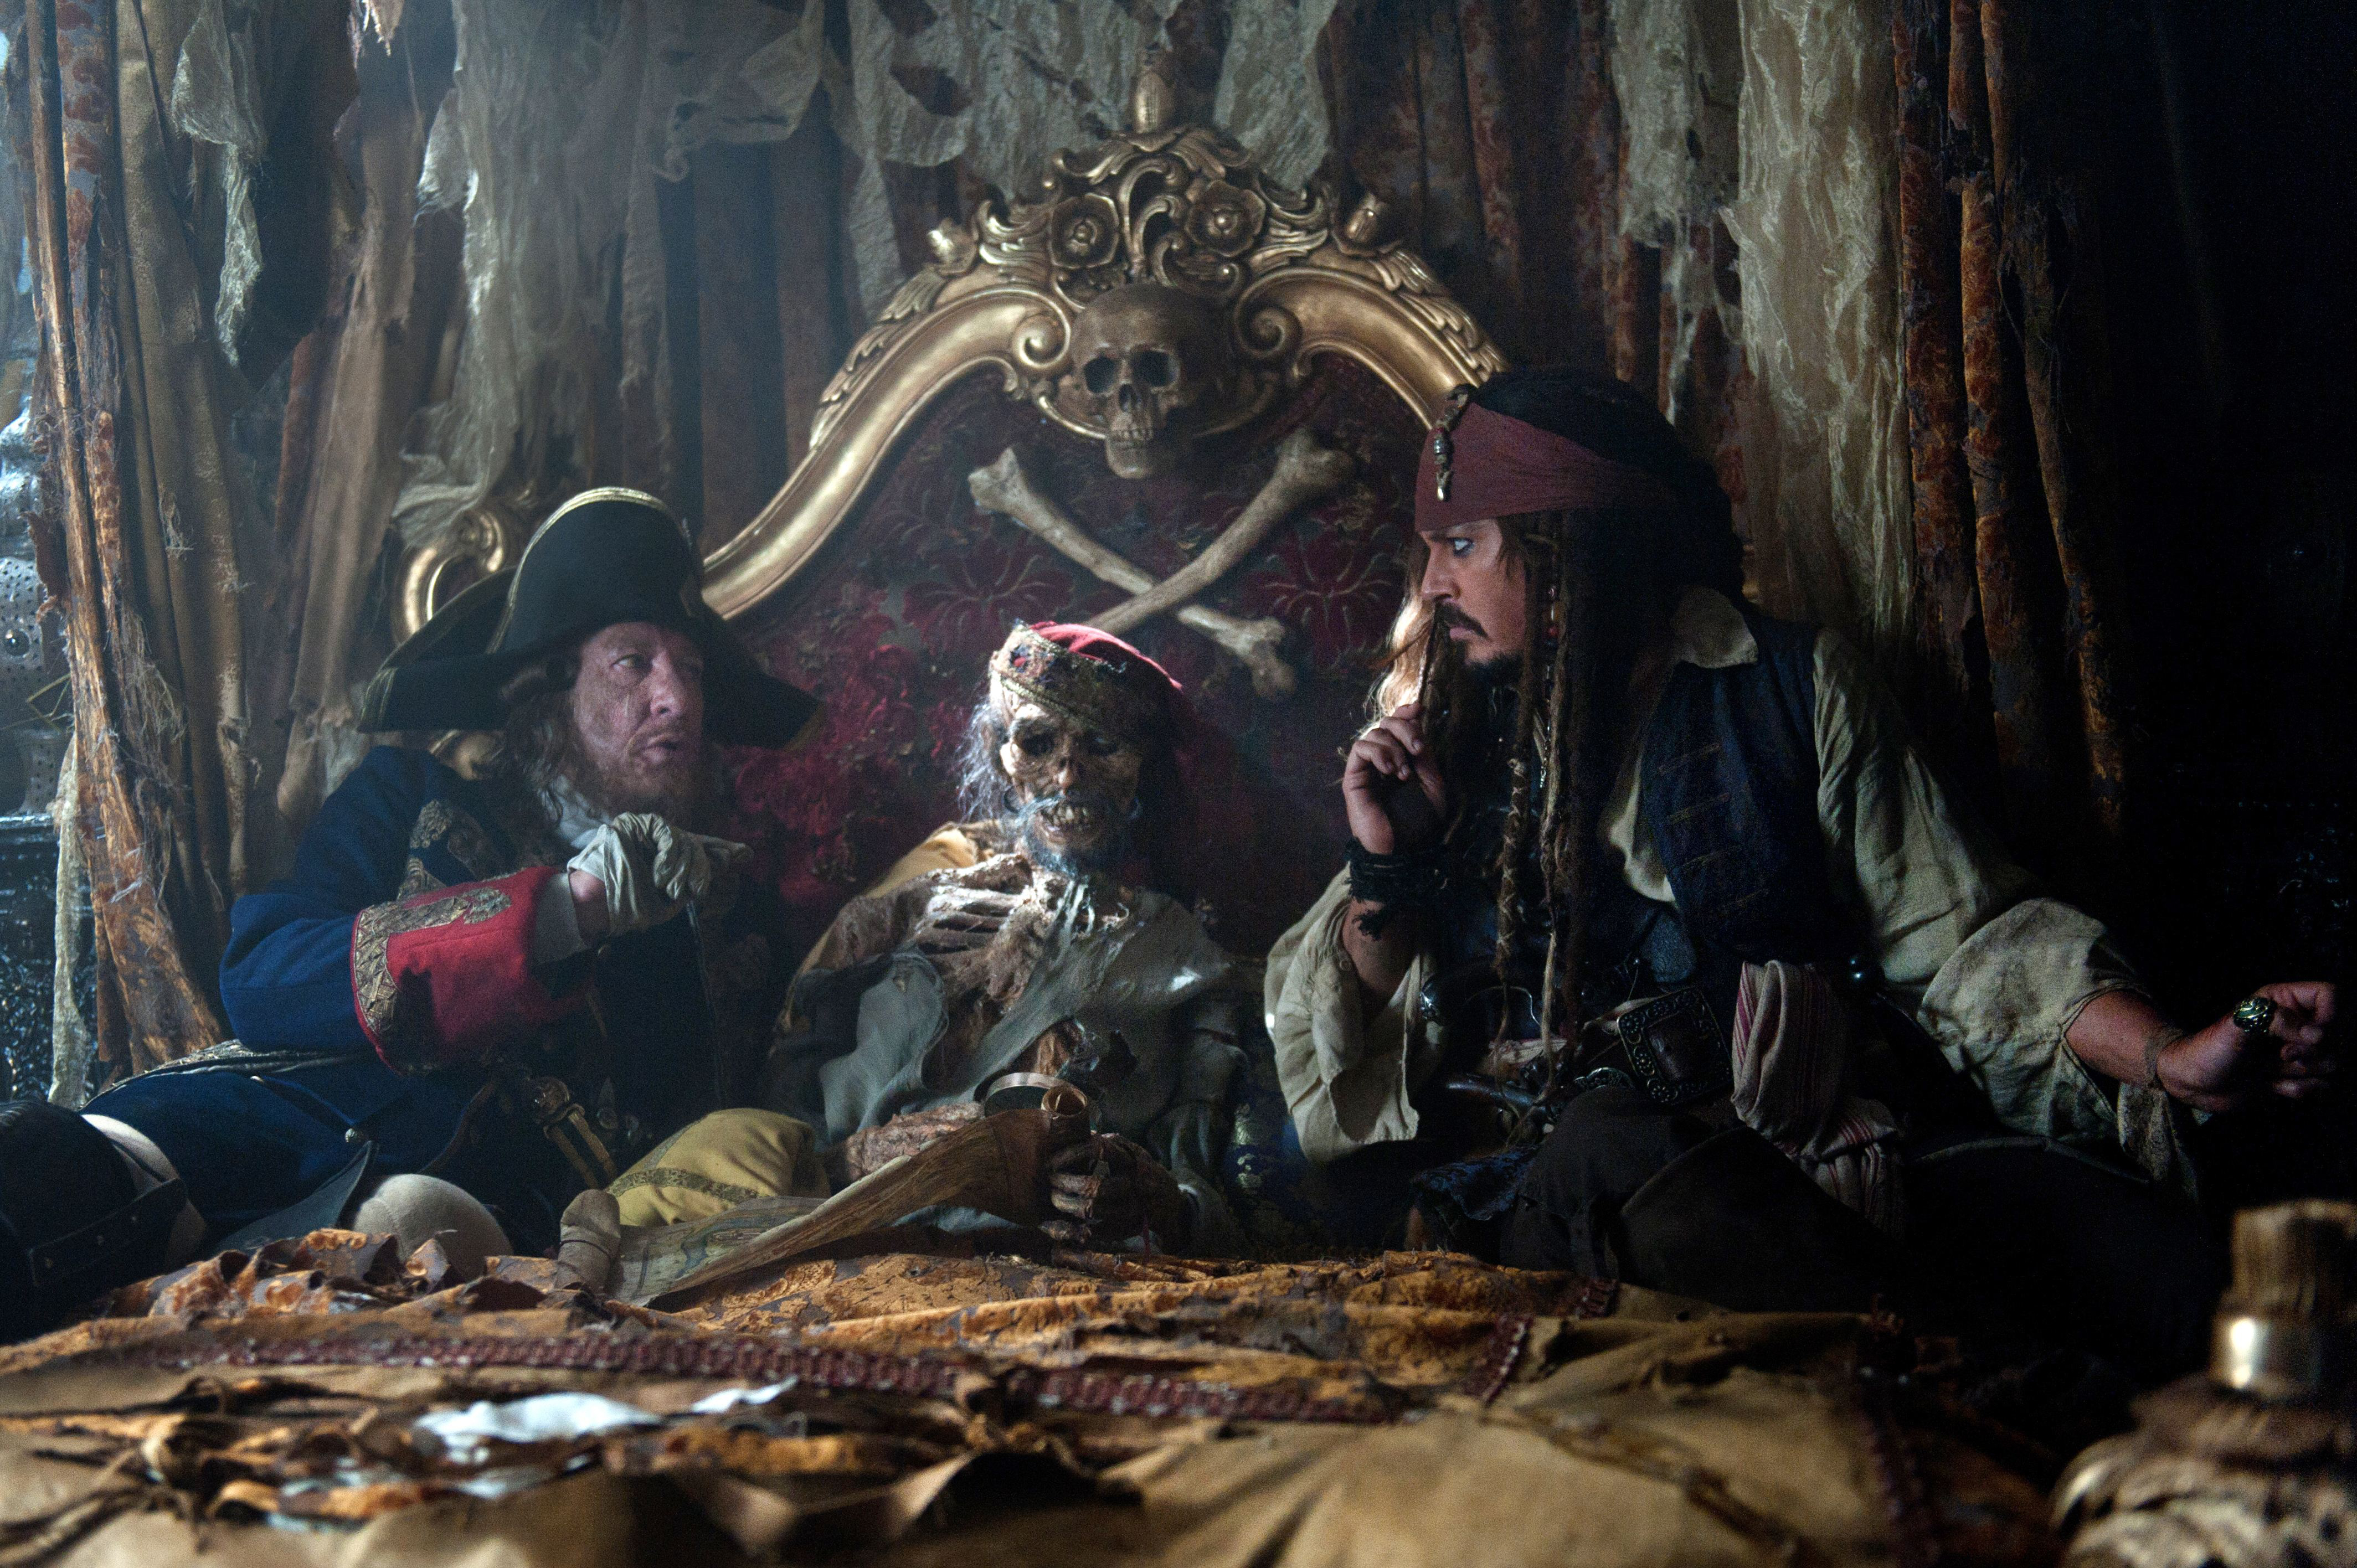 Pirates of the caribbean on stranger tides 4k ultra hd wallpaper movie pirates of the caribbean on stranger tides jack sparrow johnny depp hector barbossa voltagebd Image collections